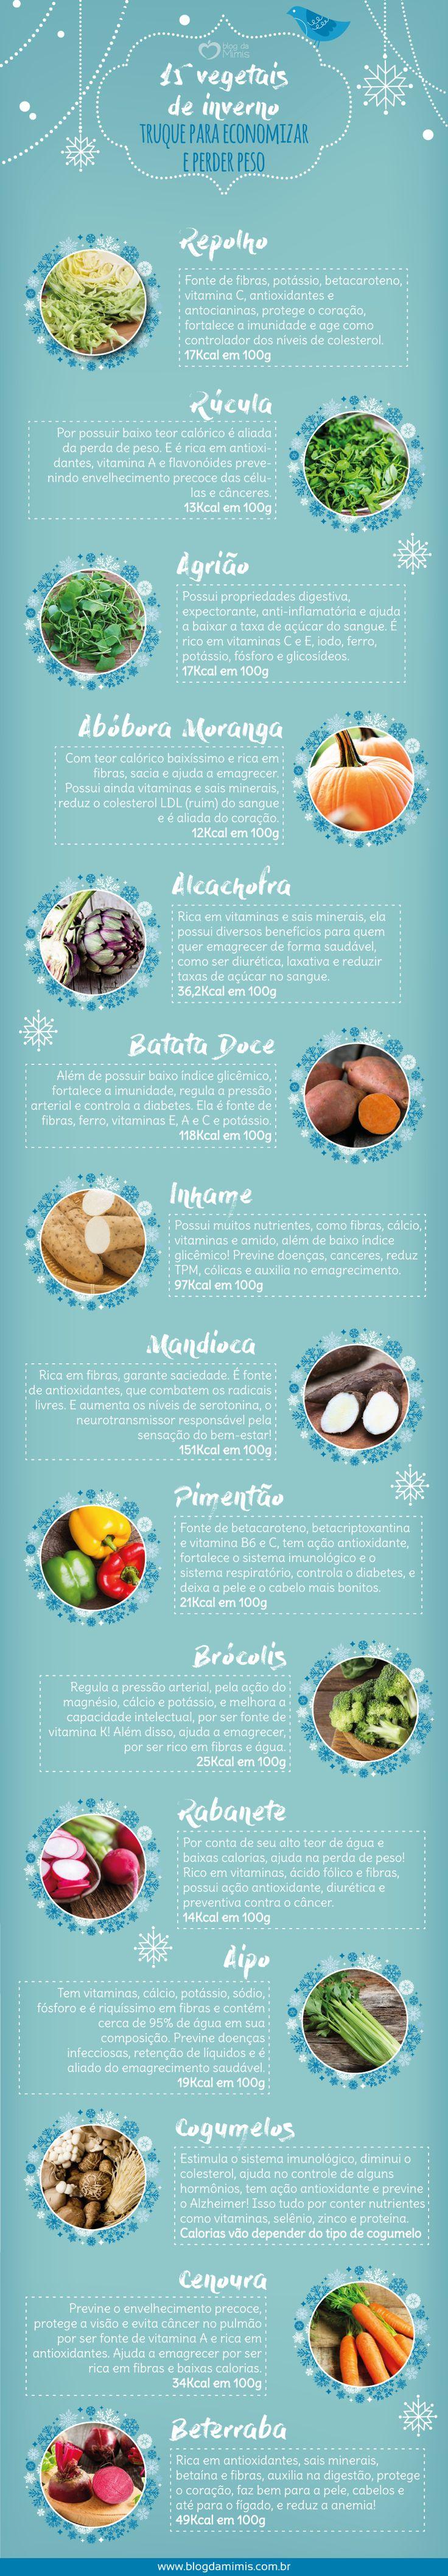 Vocês sabem porque o inverno é a estação mais fácil de escorregar na dieta? No frio nosso corpo gasta mais energia para manter-se numa temperatura estável, por isso exige alimentos mais gordurosos.…